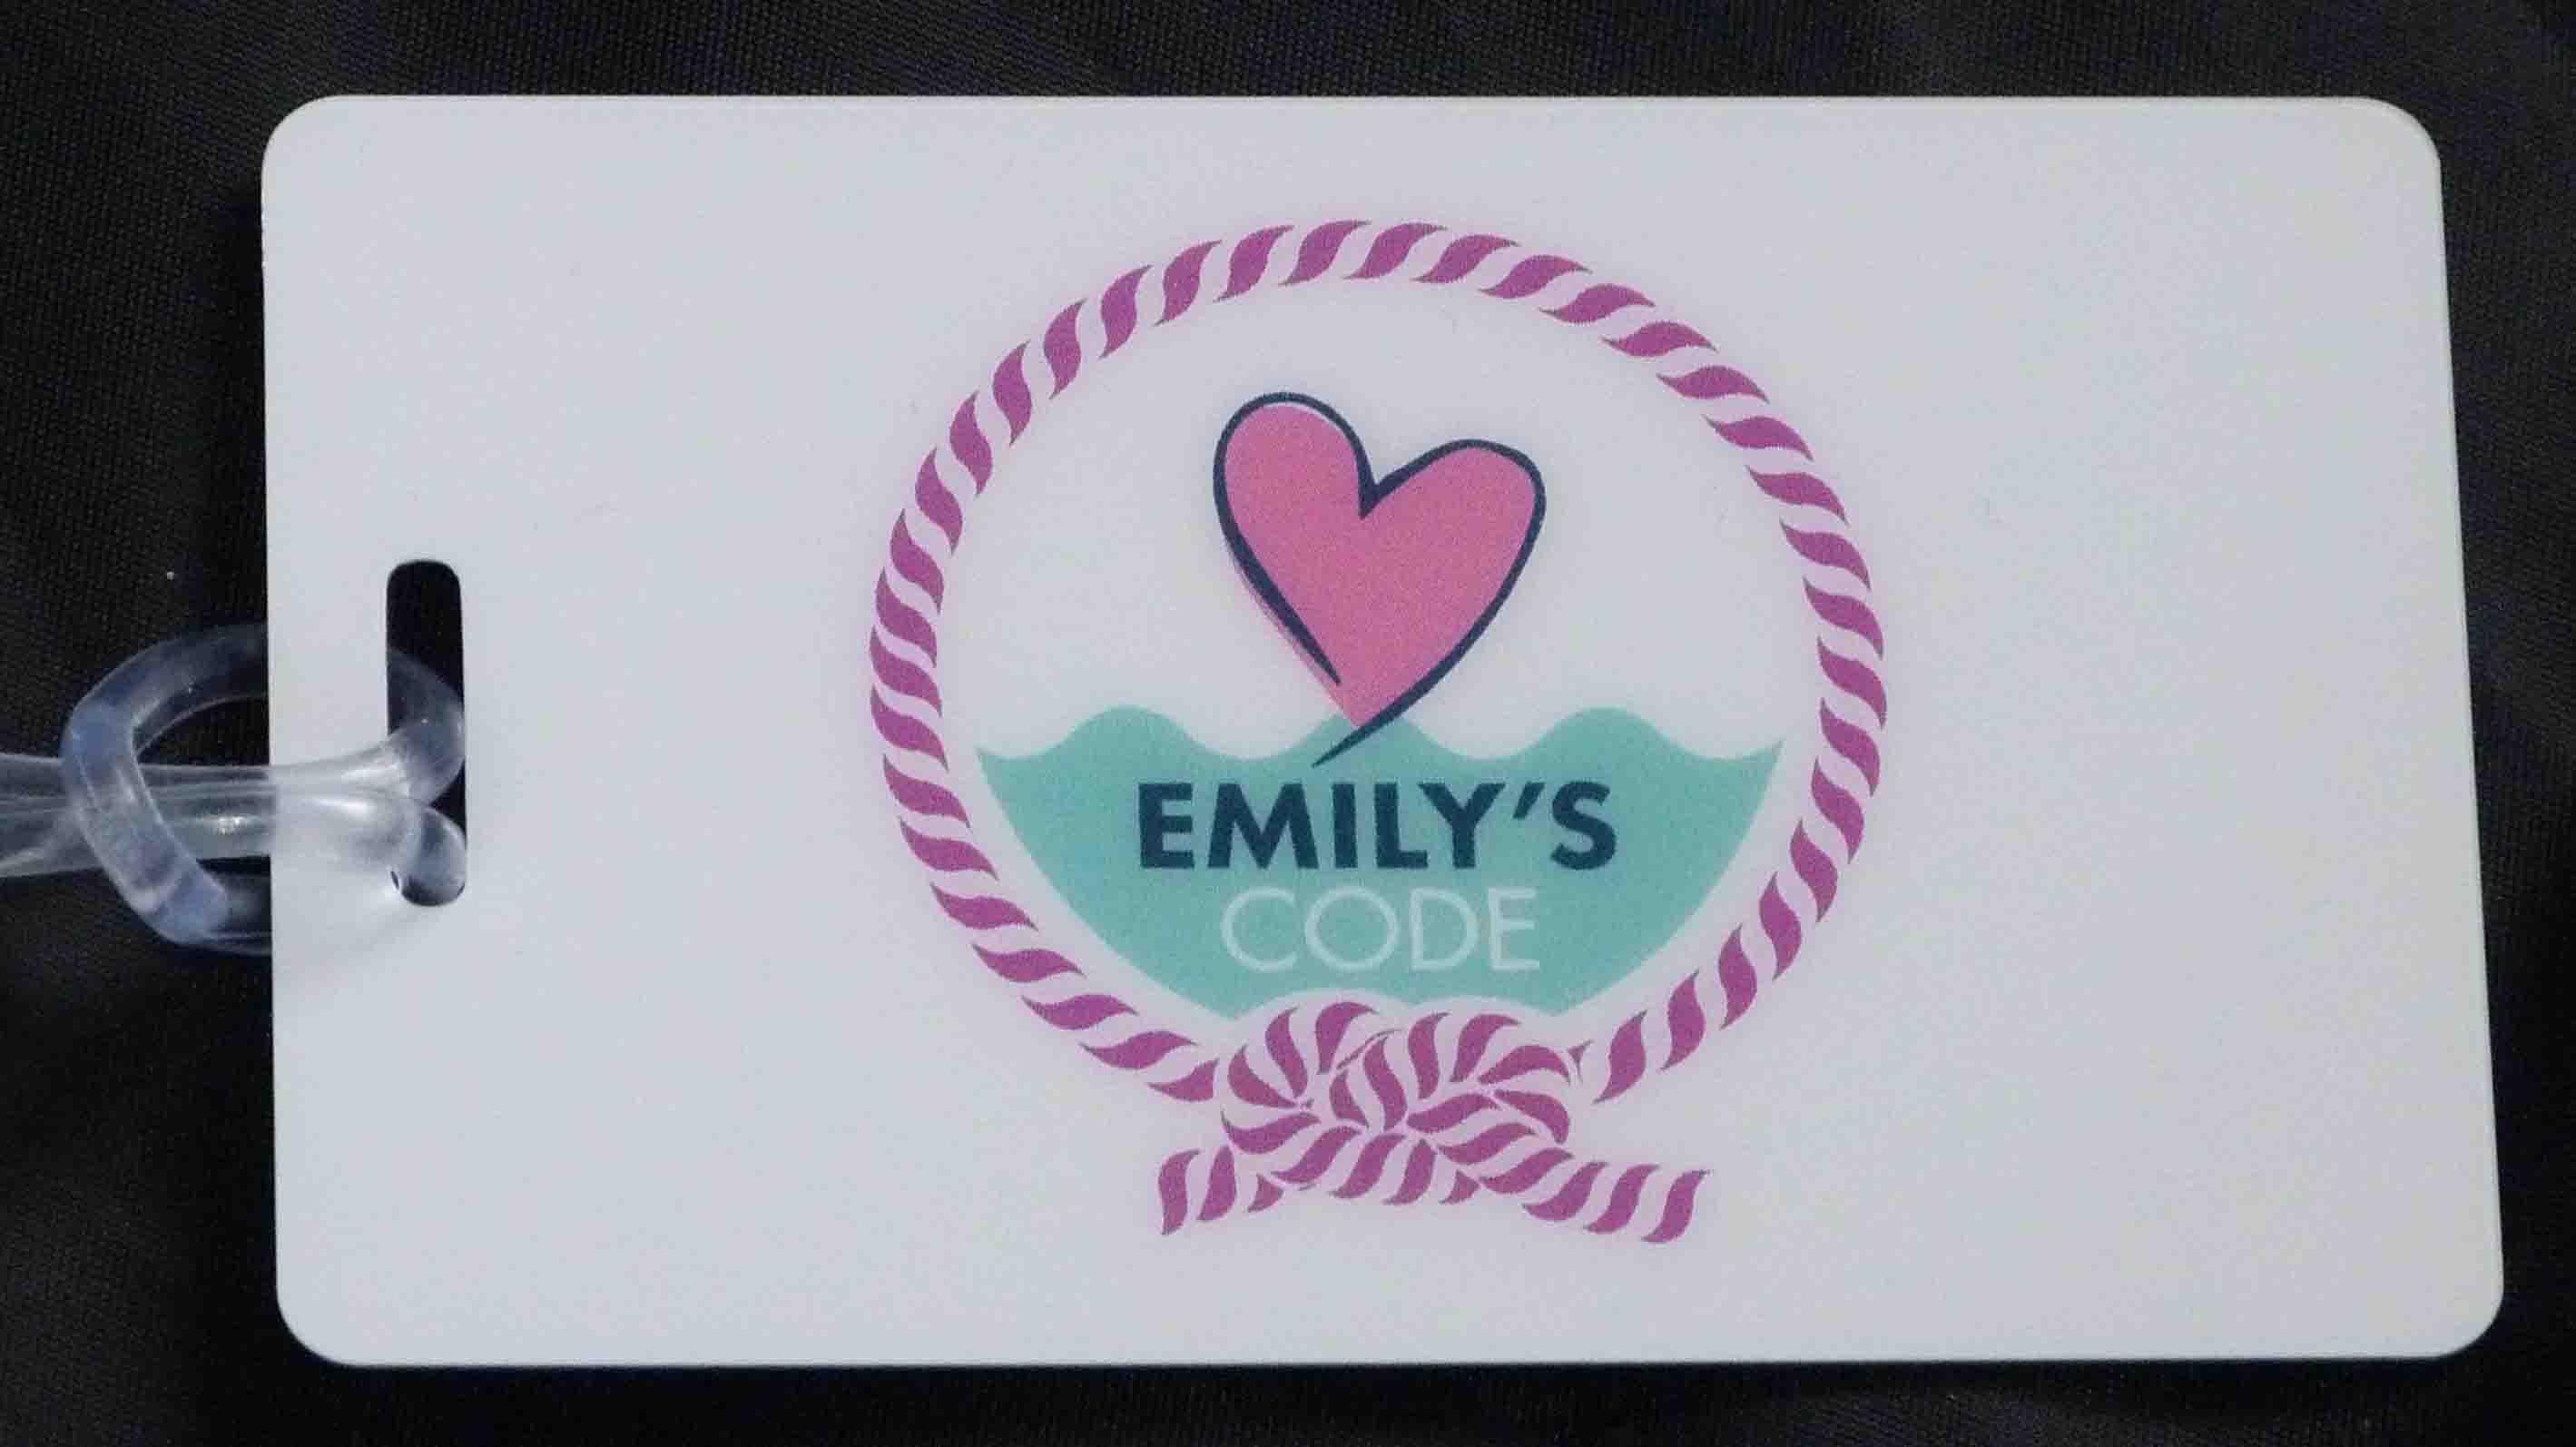 Emily's Code